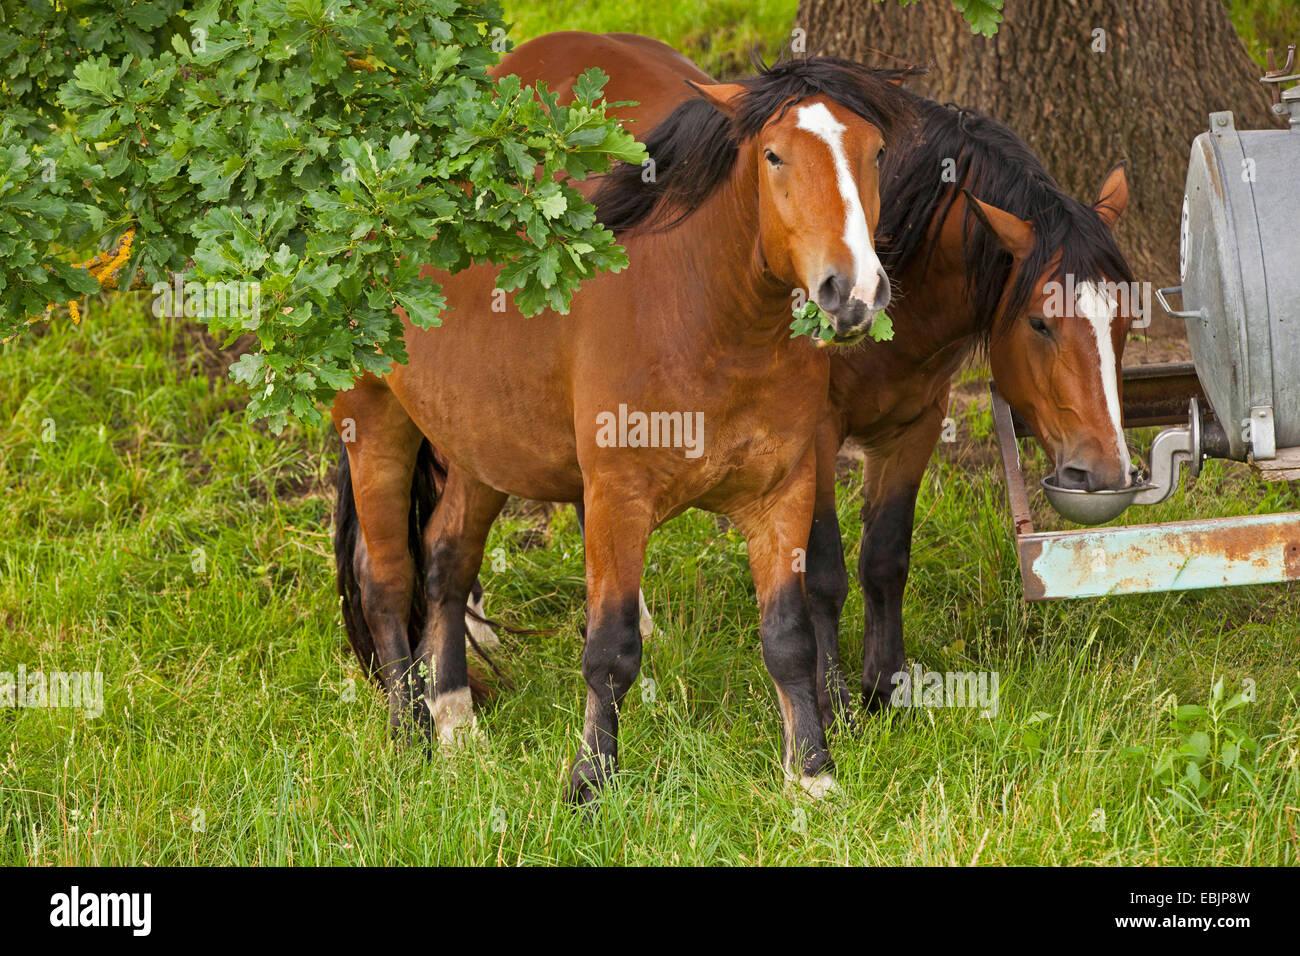 inländische Pferd (Equus Przewalskii F. Caballus) fährt um eine Horsetrough Fütterung auf Eiche, Stockbild